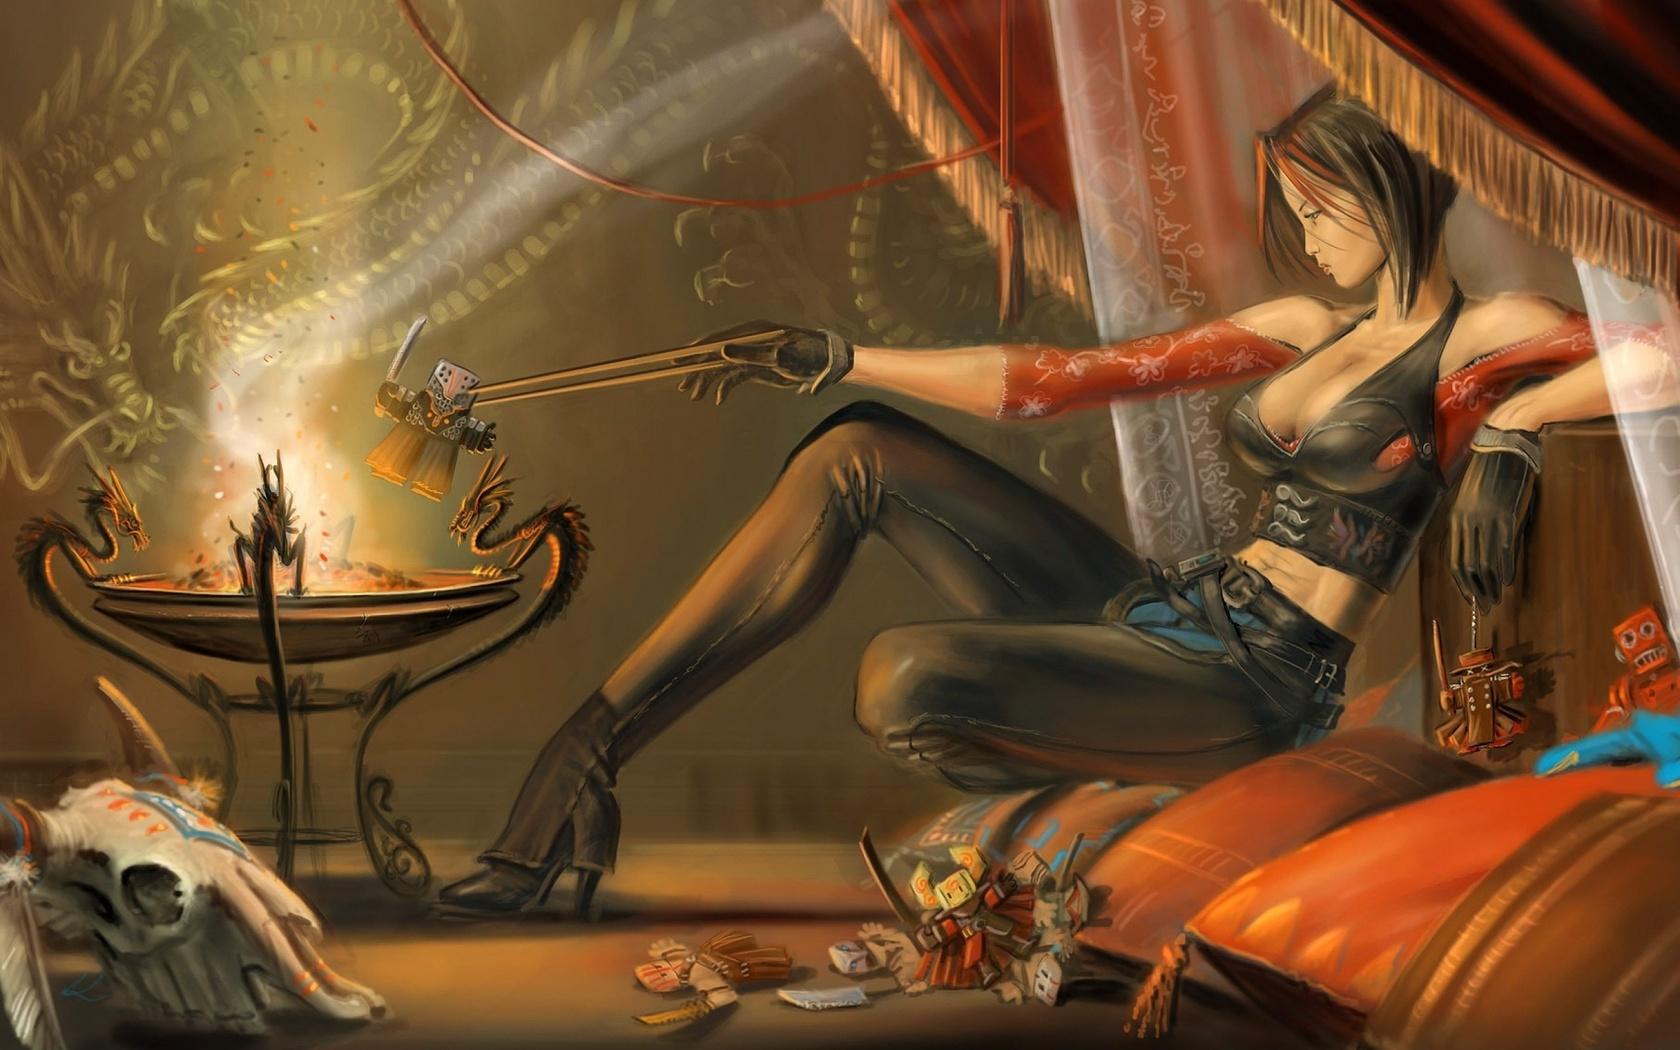 fantasy women, sitting, gloves, short hair, artwork